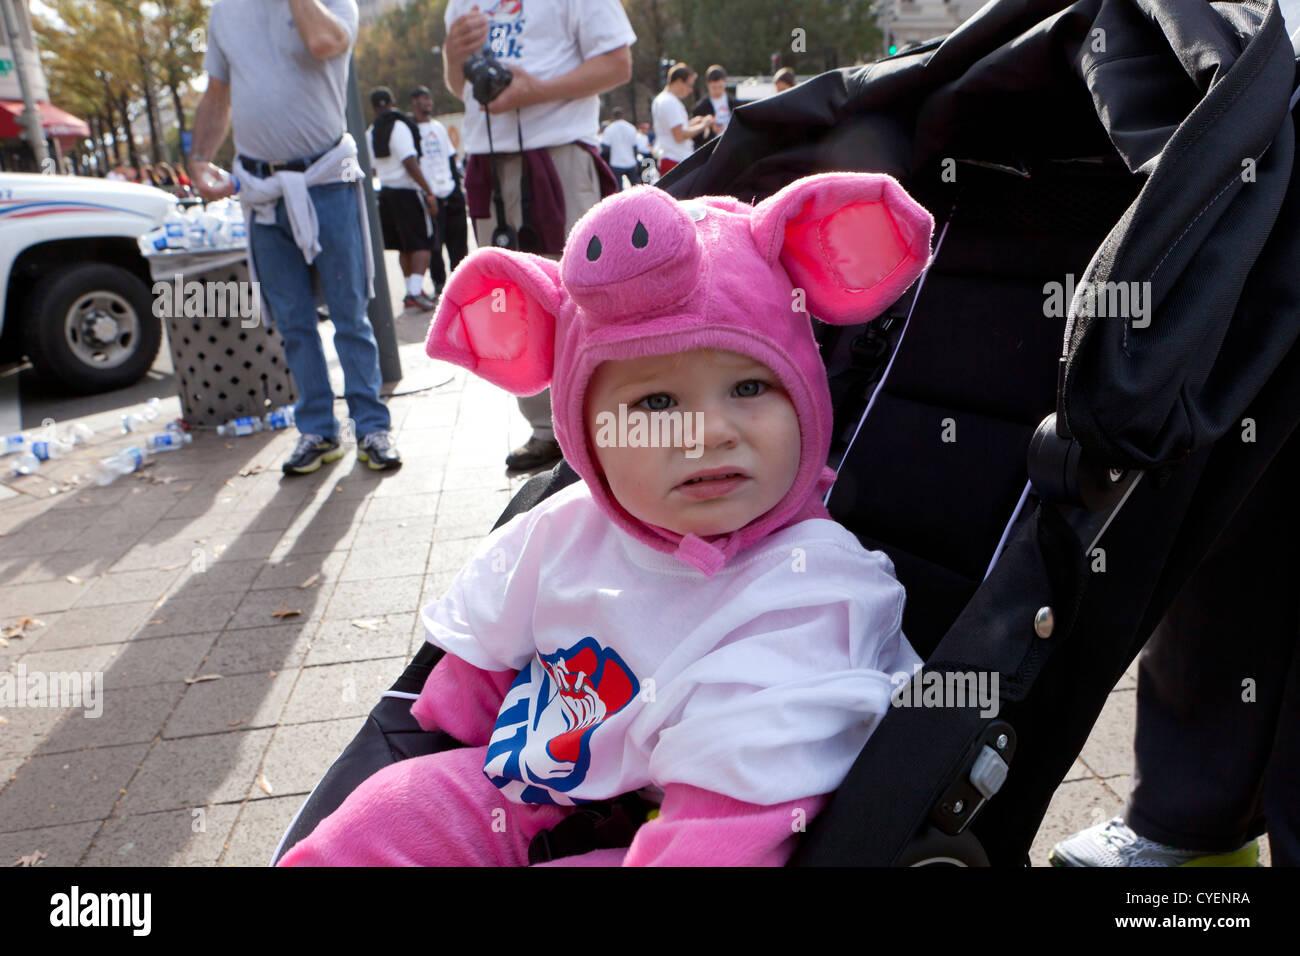 Bébé caucasien habillé en costume cochon assis dans la poussette Photo Stock